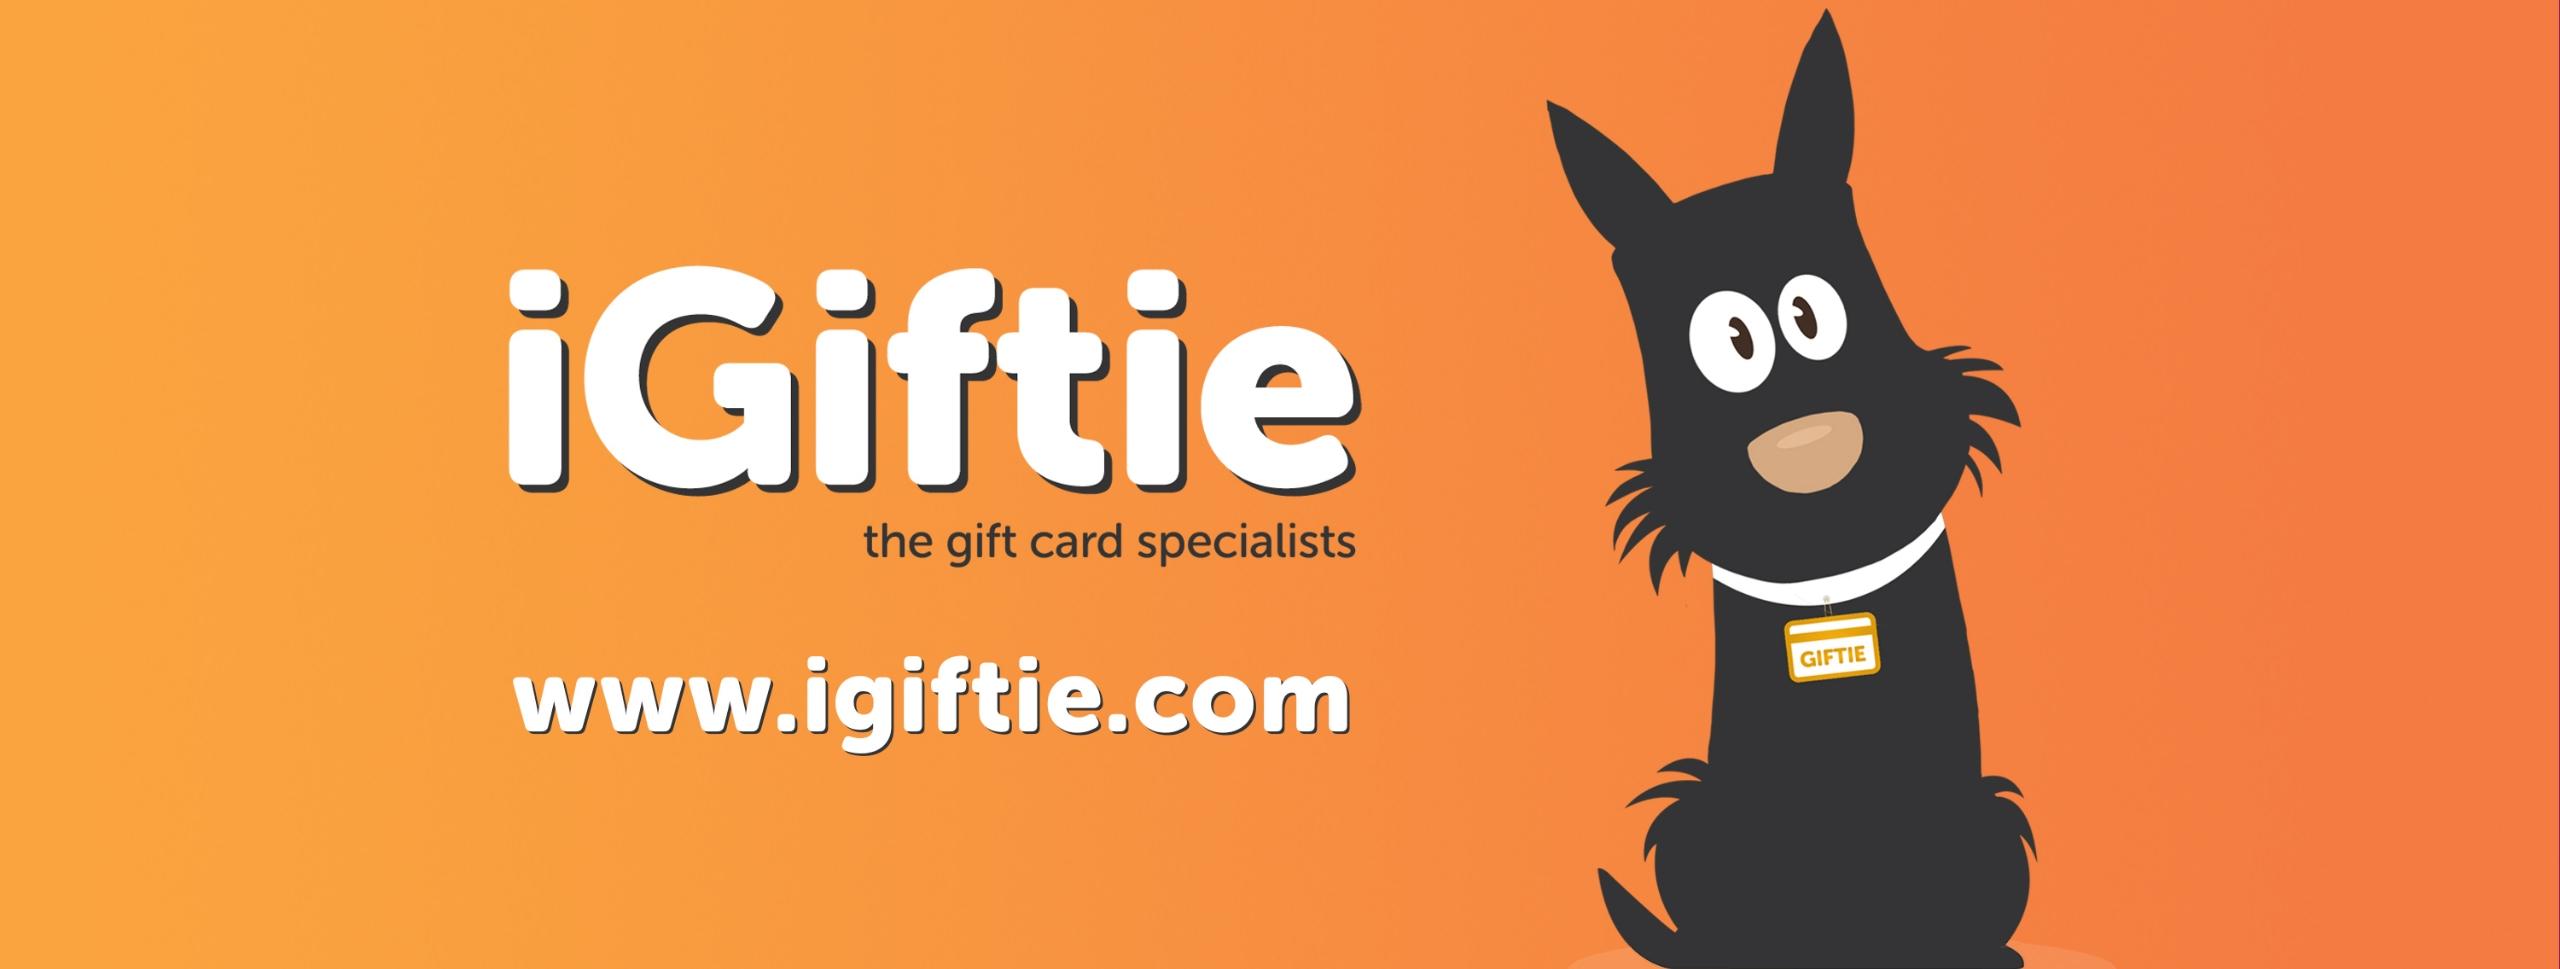 (@igiftie) Cover Image